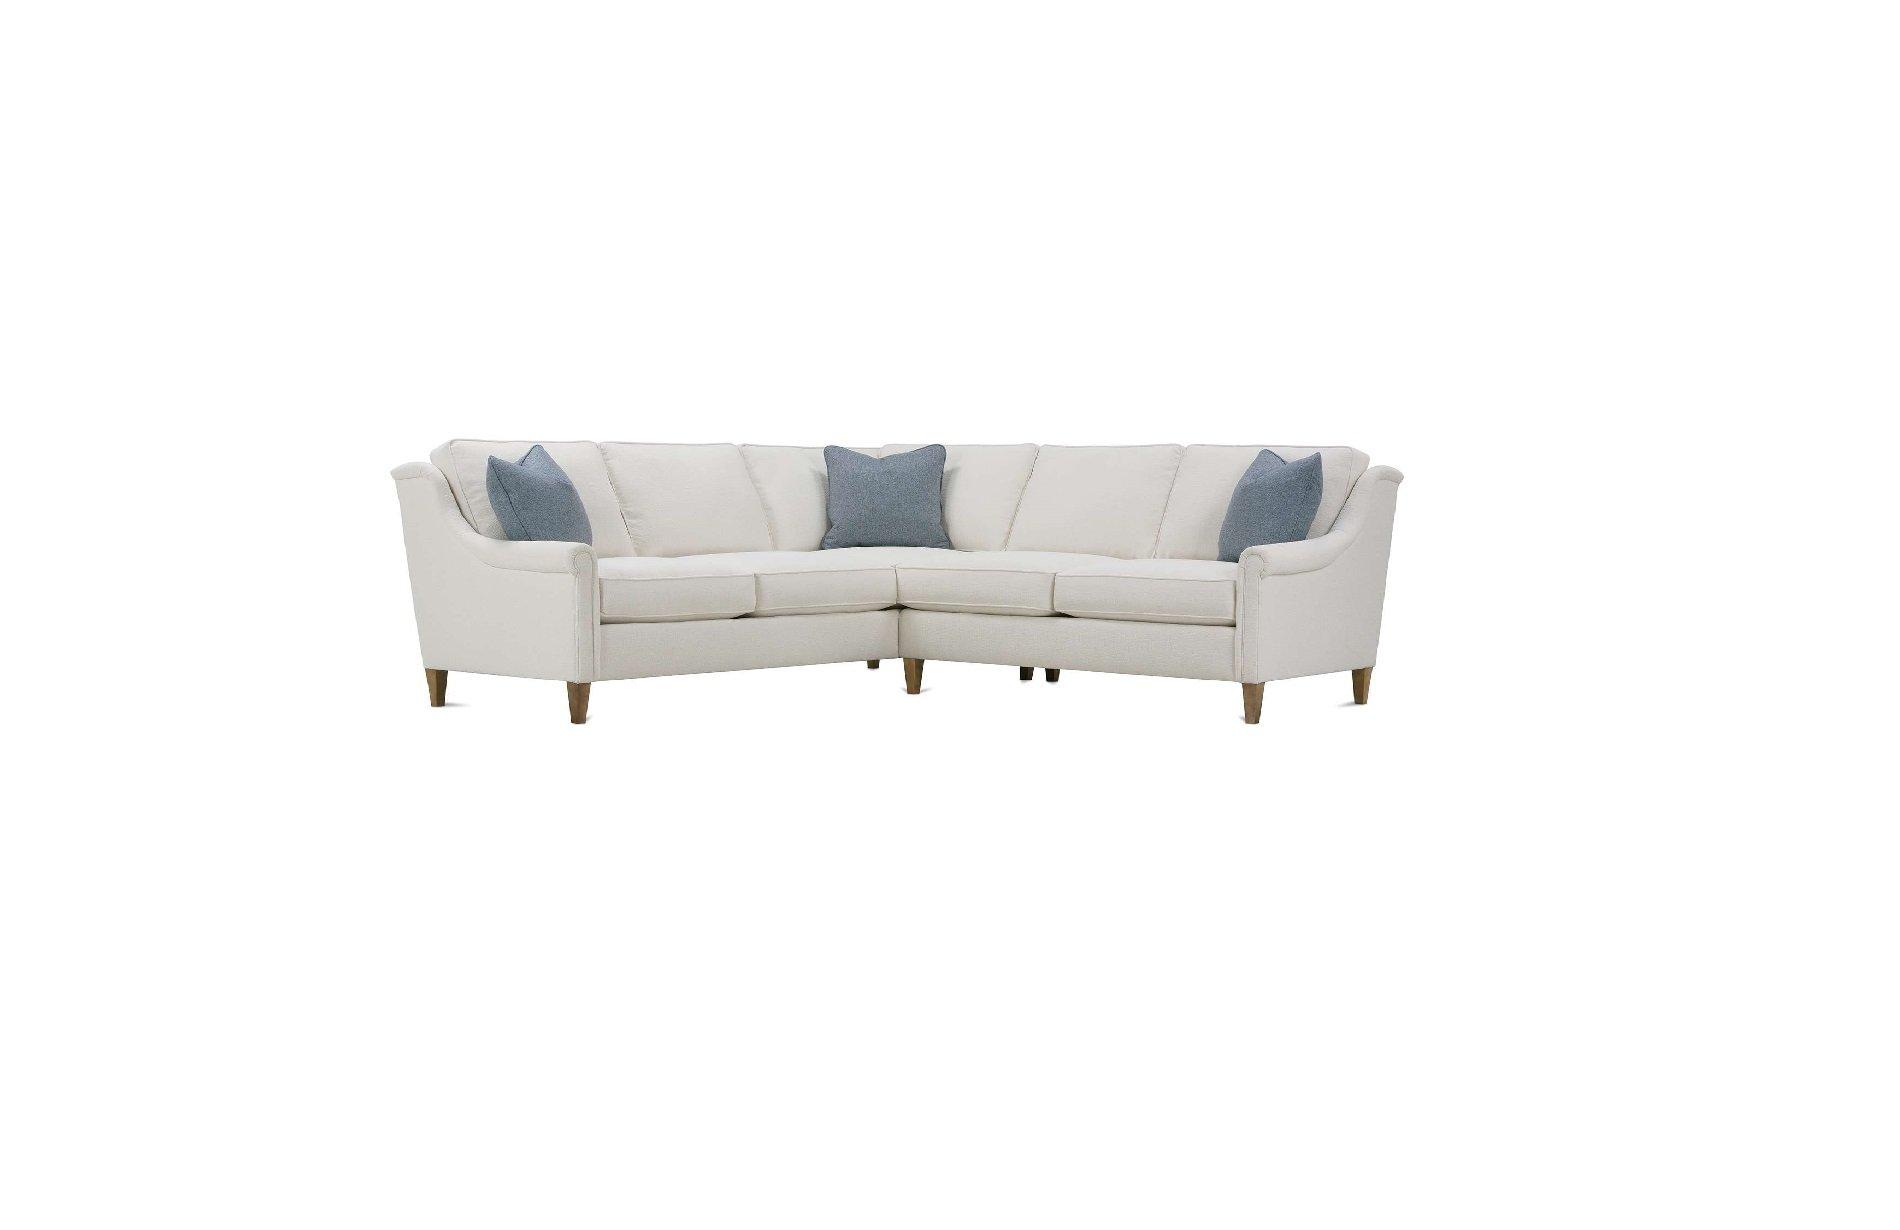 Rowe Studio Sectional Sofa